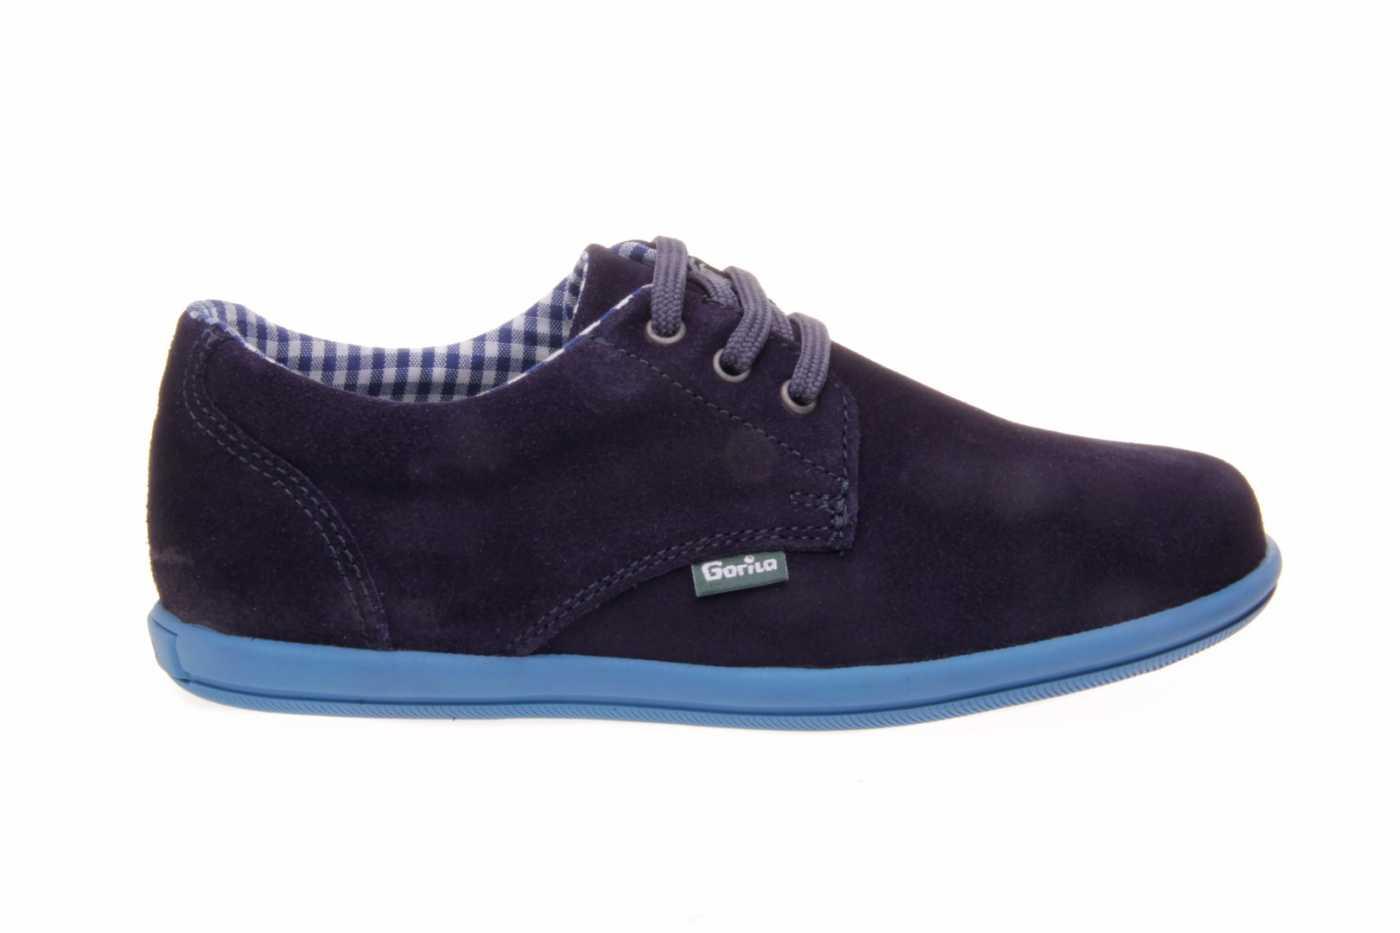 91cf41095 Comprar zapato tipo JOVEN NIÑO estilo BLUCHER COLOR AZUL SERRAJE ...